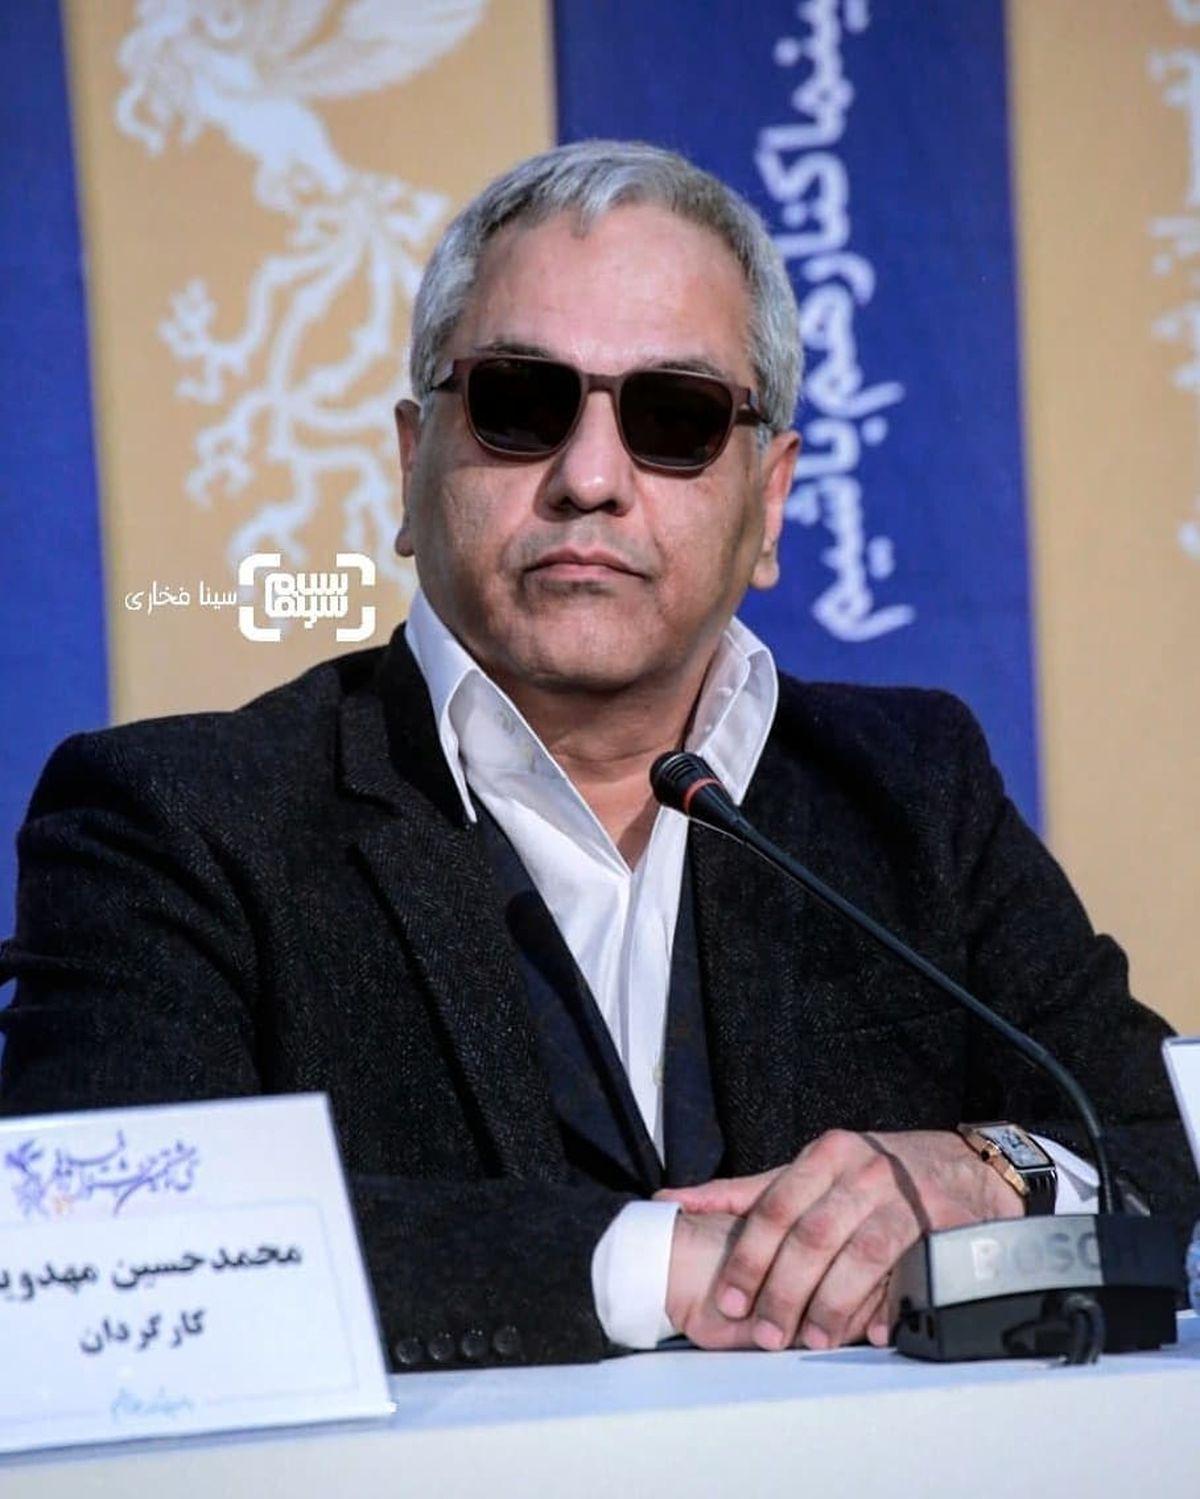 عکس لورفته از کاخ مهران مدیری سوژه رسانه شد